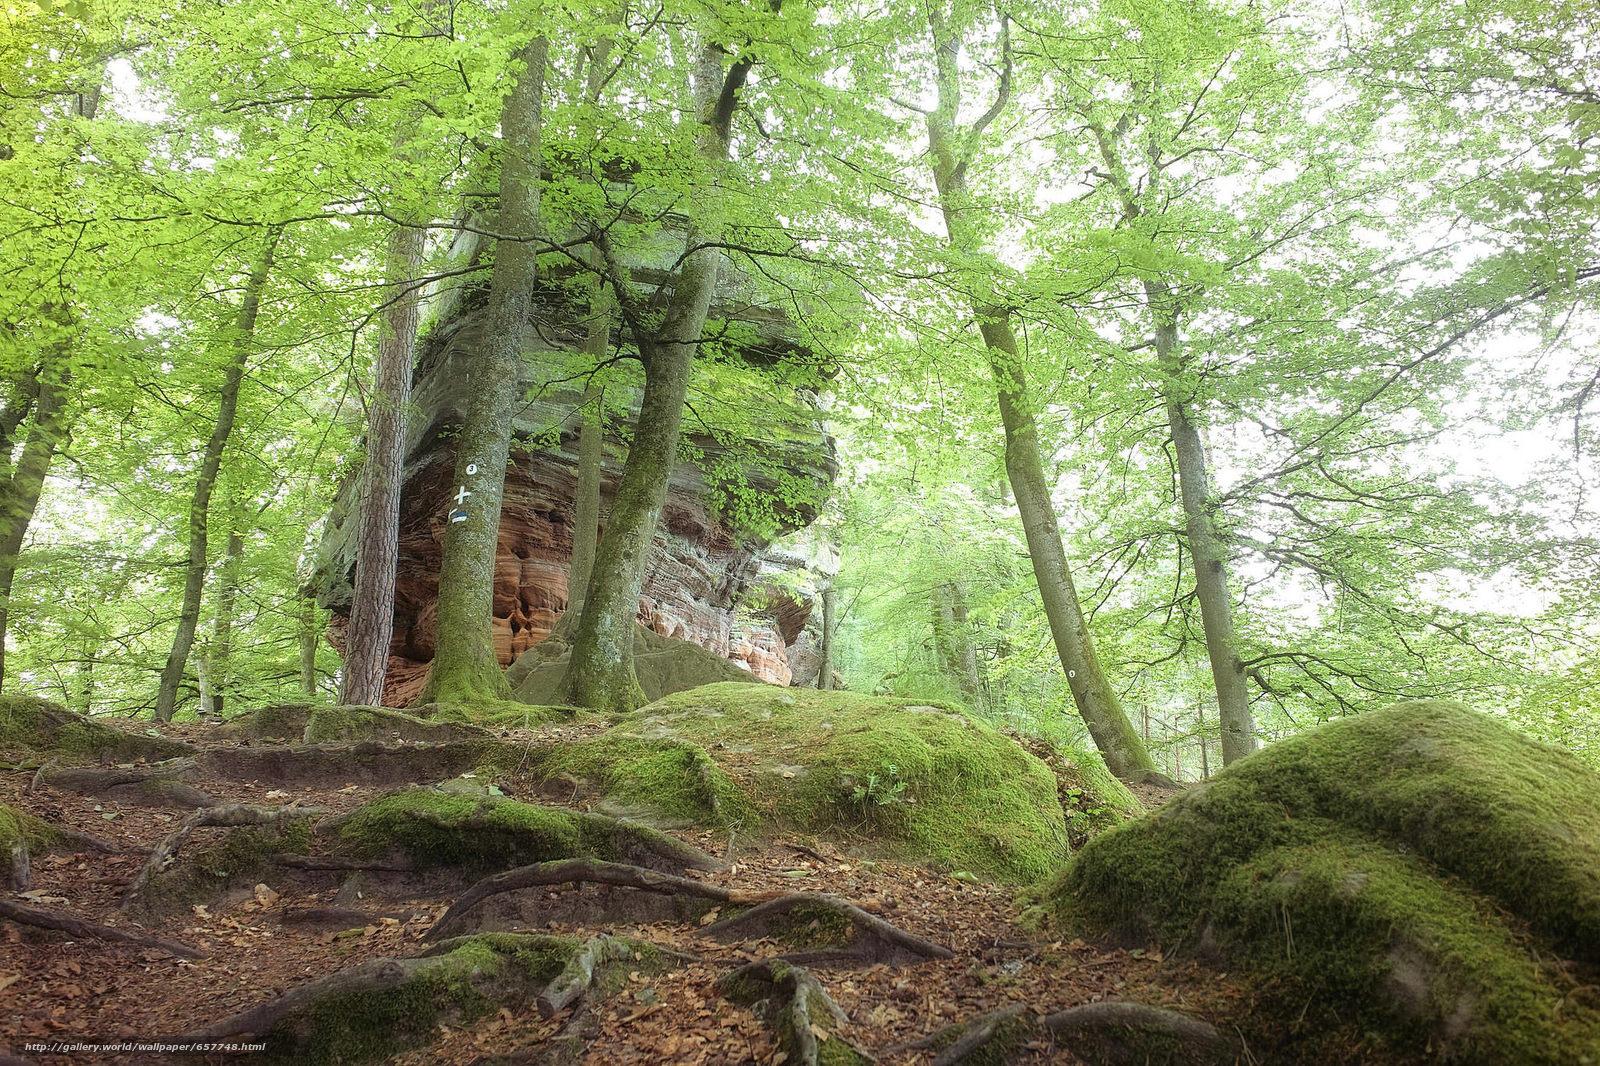 Tlcharger Fond d'ecran forêt,  arbres,  Rocks,  nature Fonds d'ecran gratuits pour votre rsolution du bureau 2048x1365 — image №657748